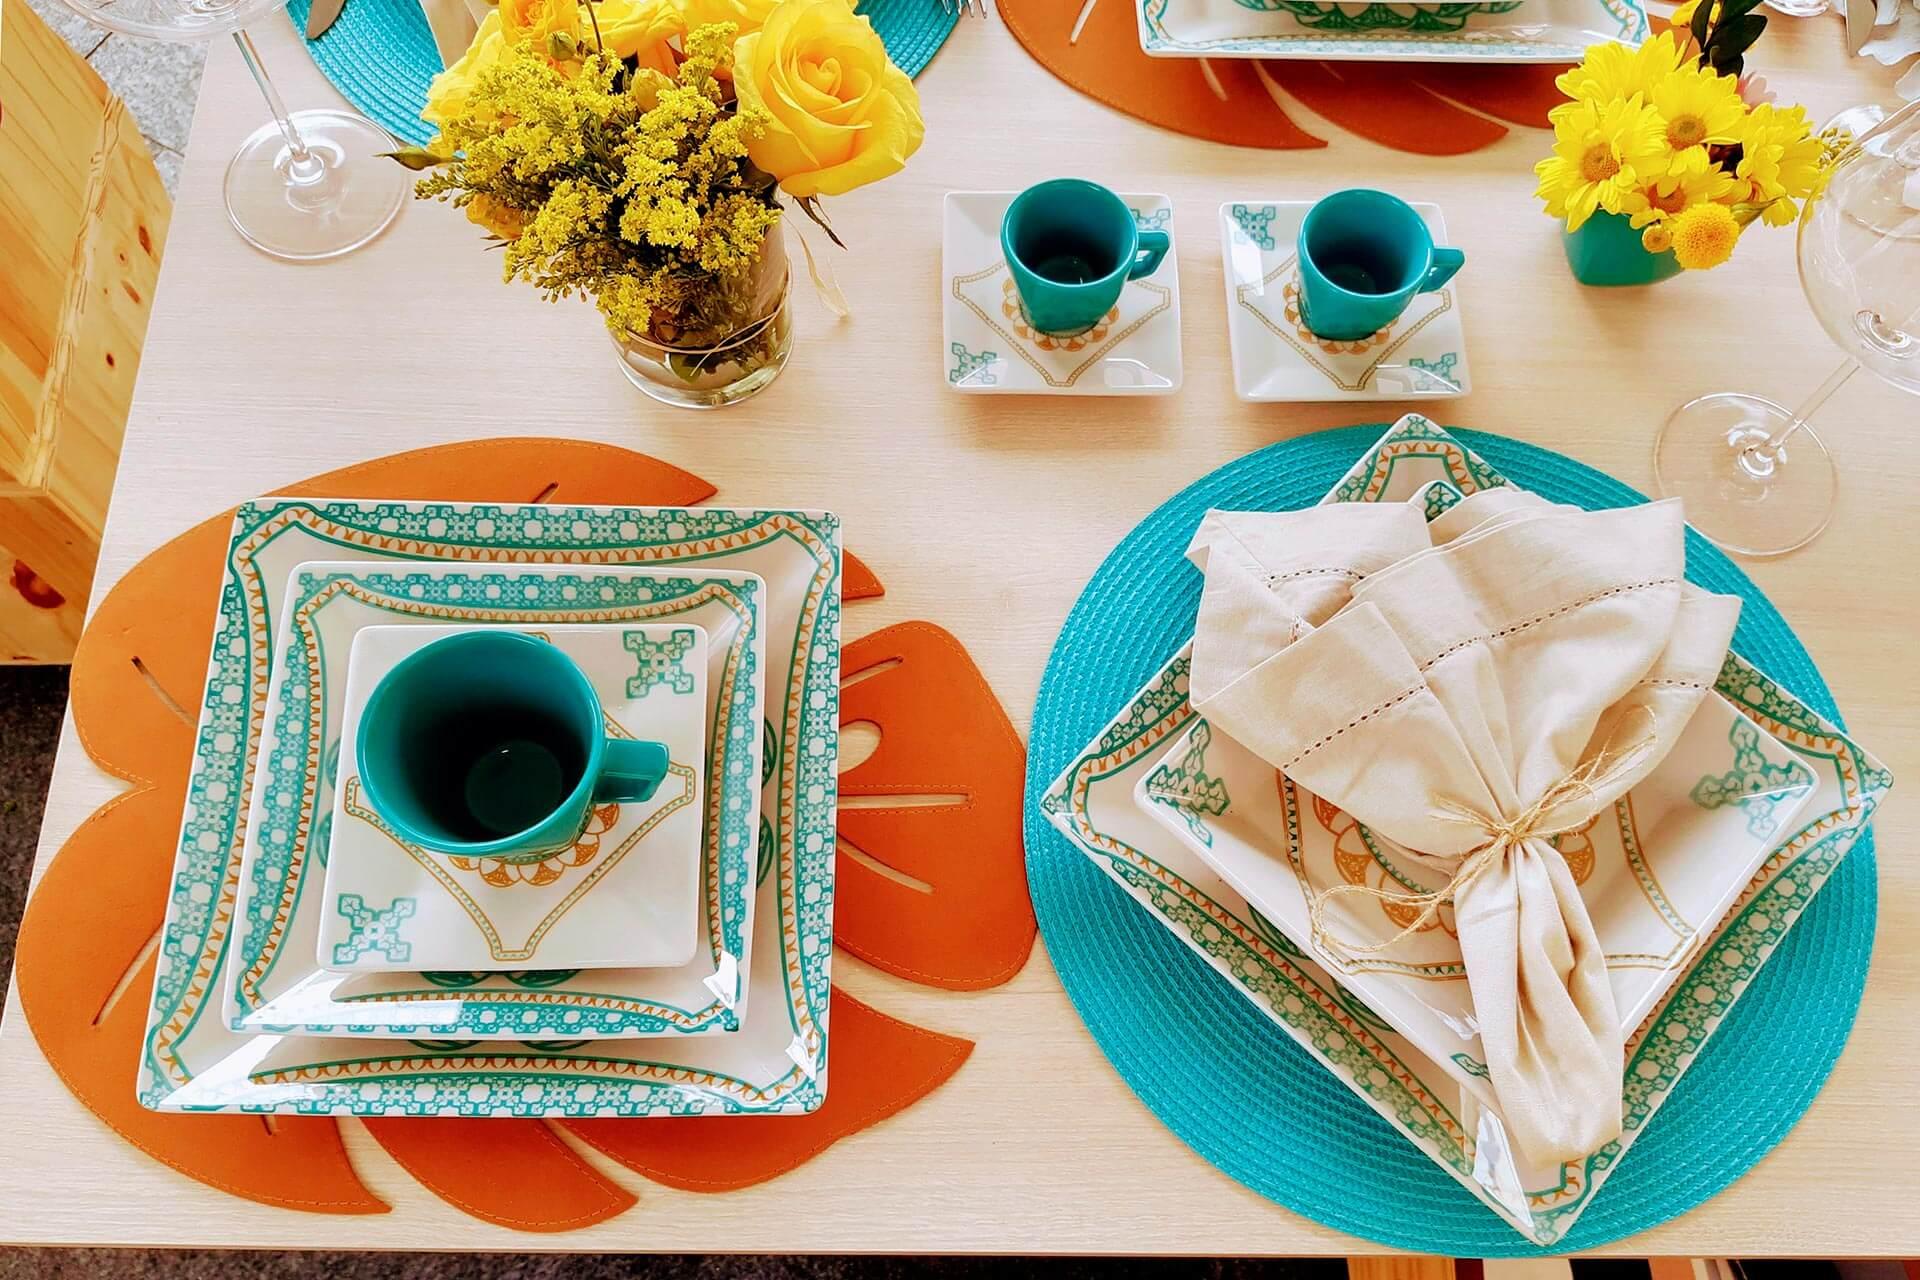 Imagem: O conjunto de porcelanas Quartier Domo, da Oxford Porcelanas, ganha destaque sobre jogos americanos circulares e com formato de folha. Repare que são os tons de laranja e turquesa que harmonizam tudo.